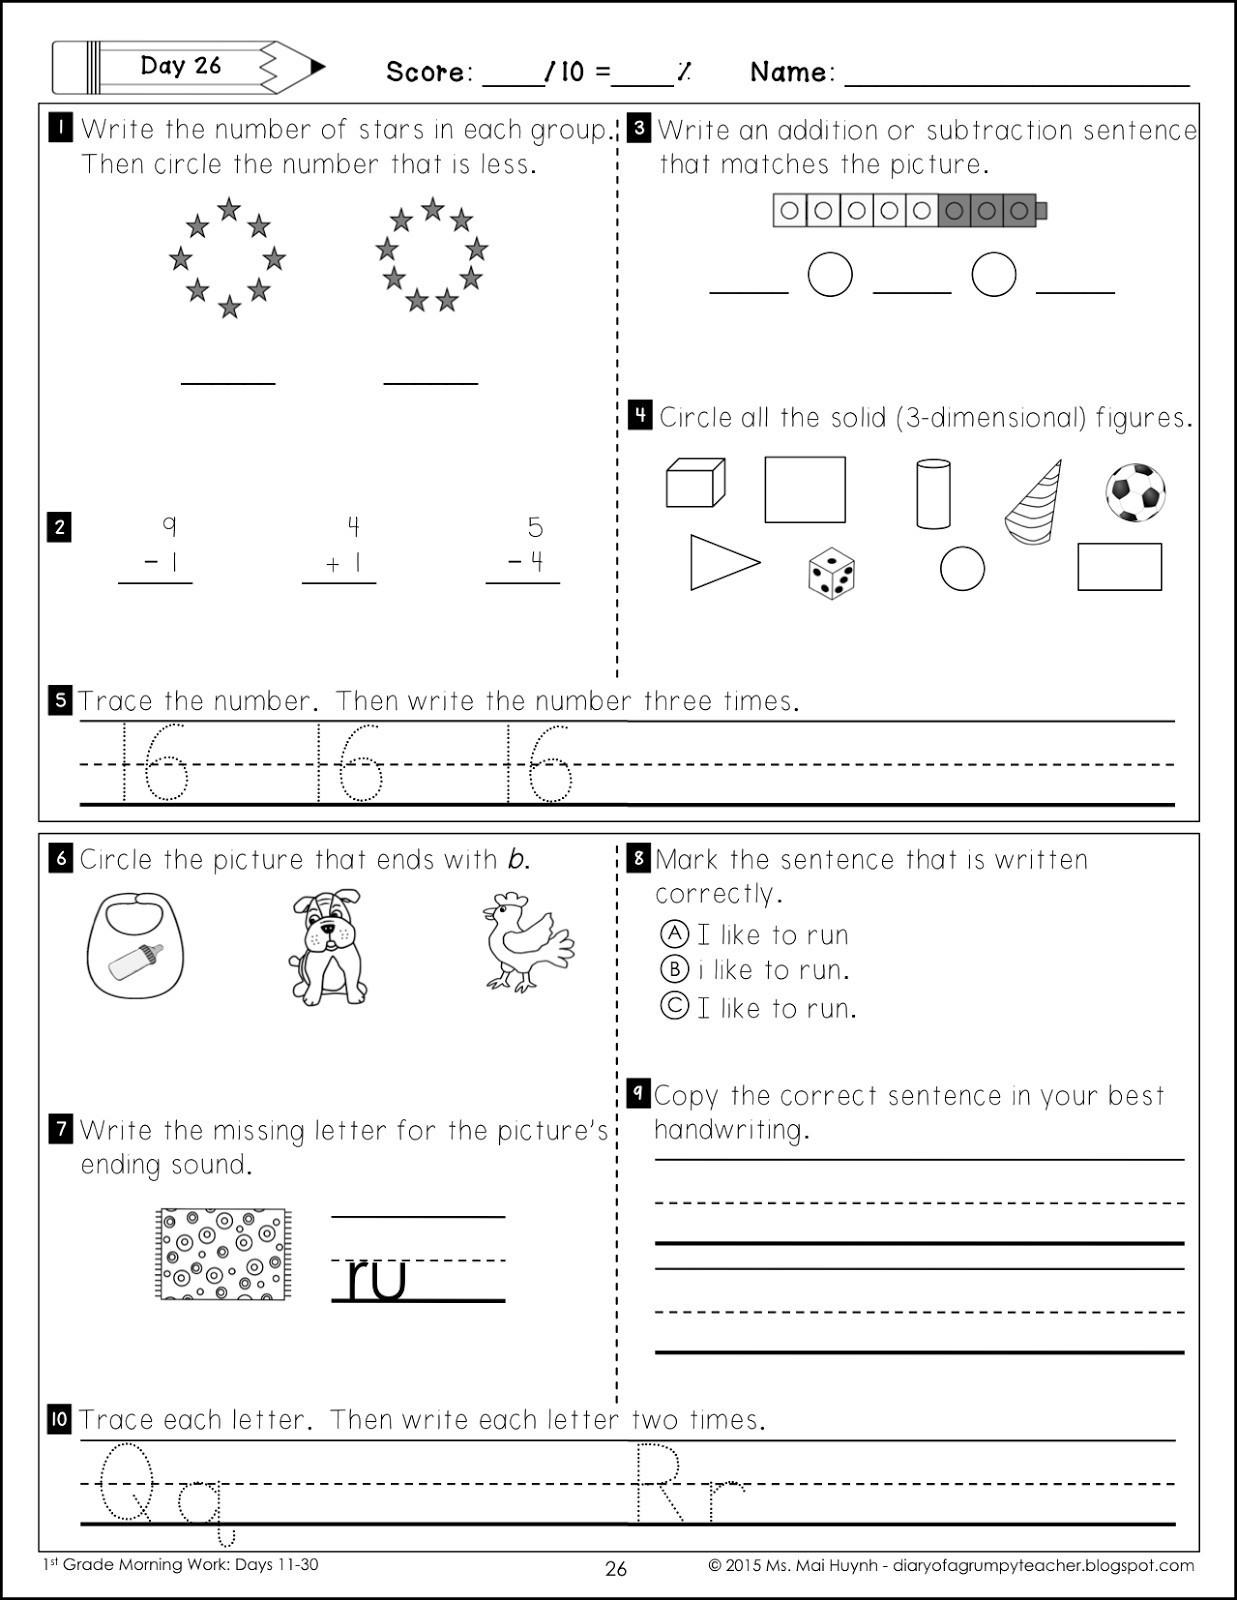 Grade 6 Worksheets Fresh Worksheets For Alphabet D Copy intended for Alphabet Copy Worksheets